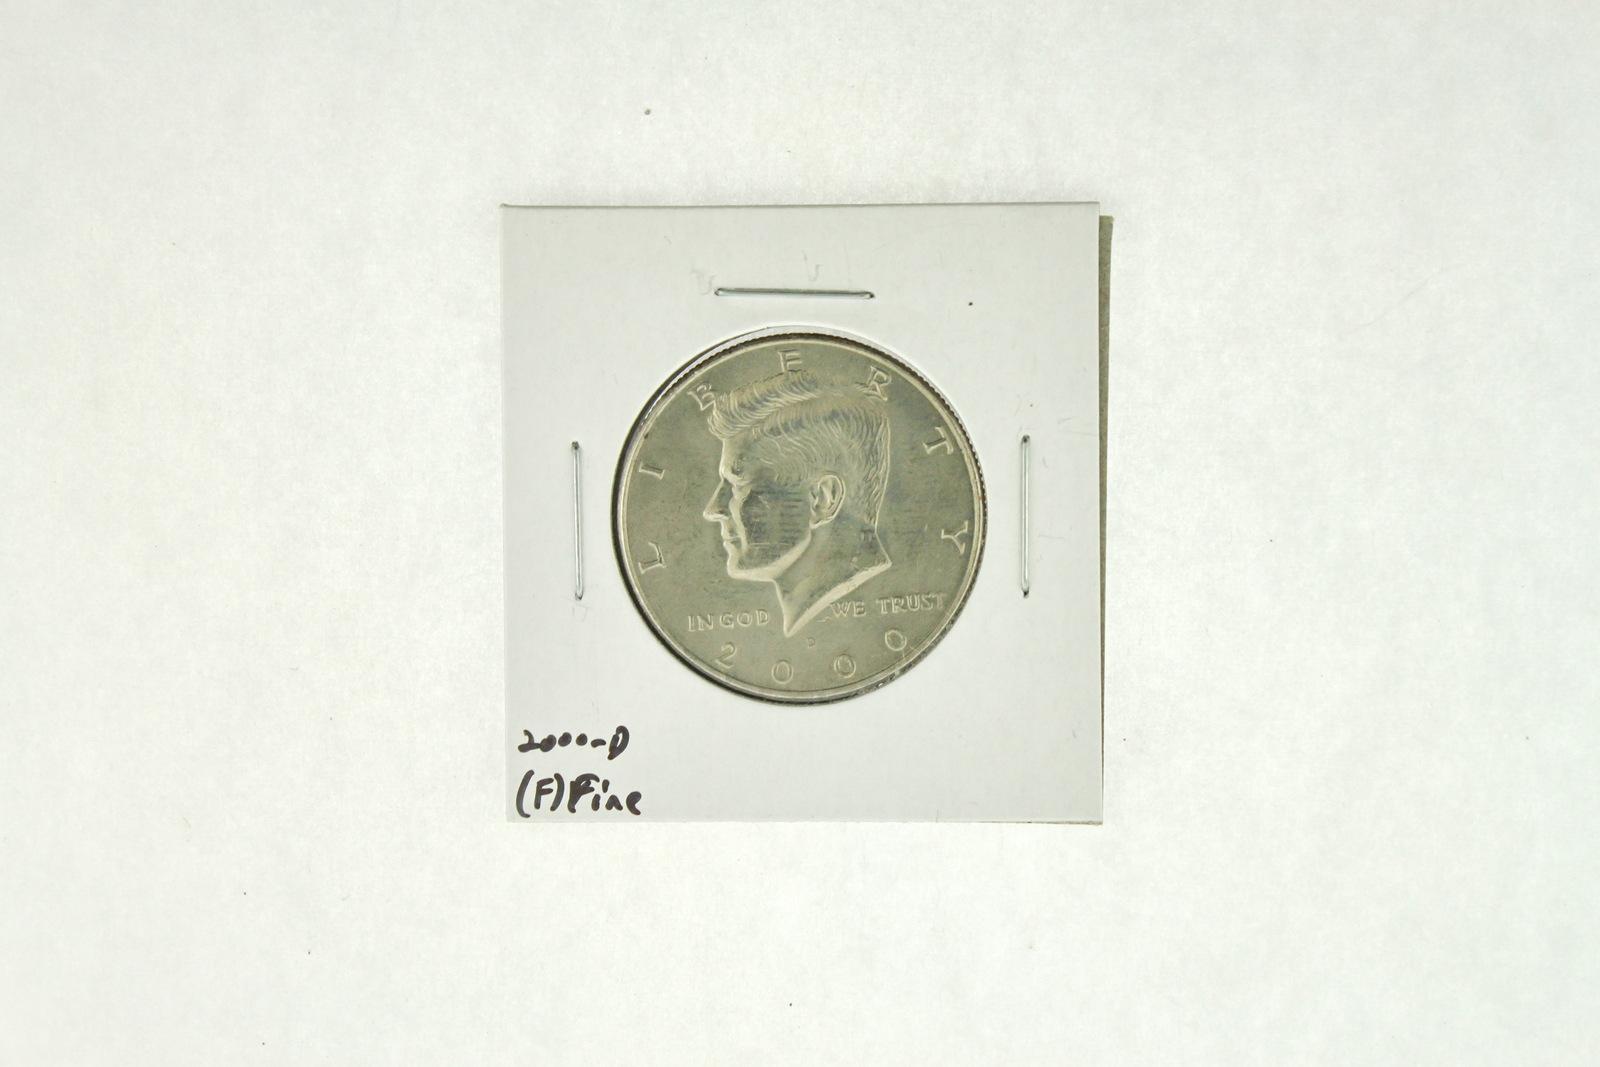 2000-D Kennedy Half Dollar (F) Fine N2-4008-3